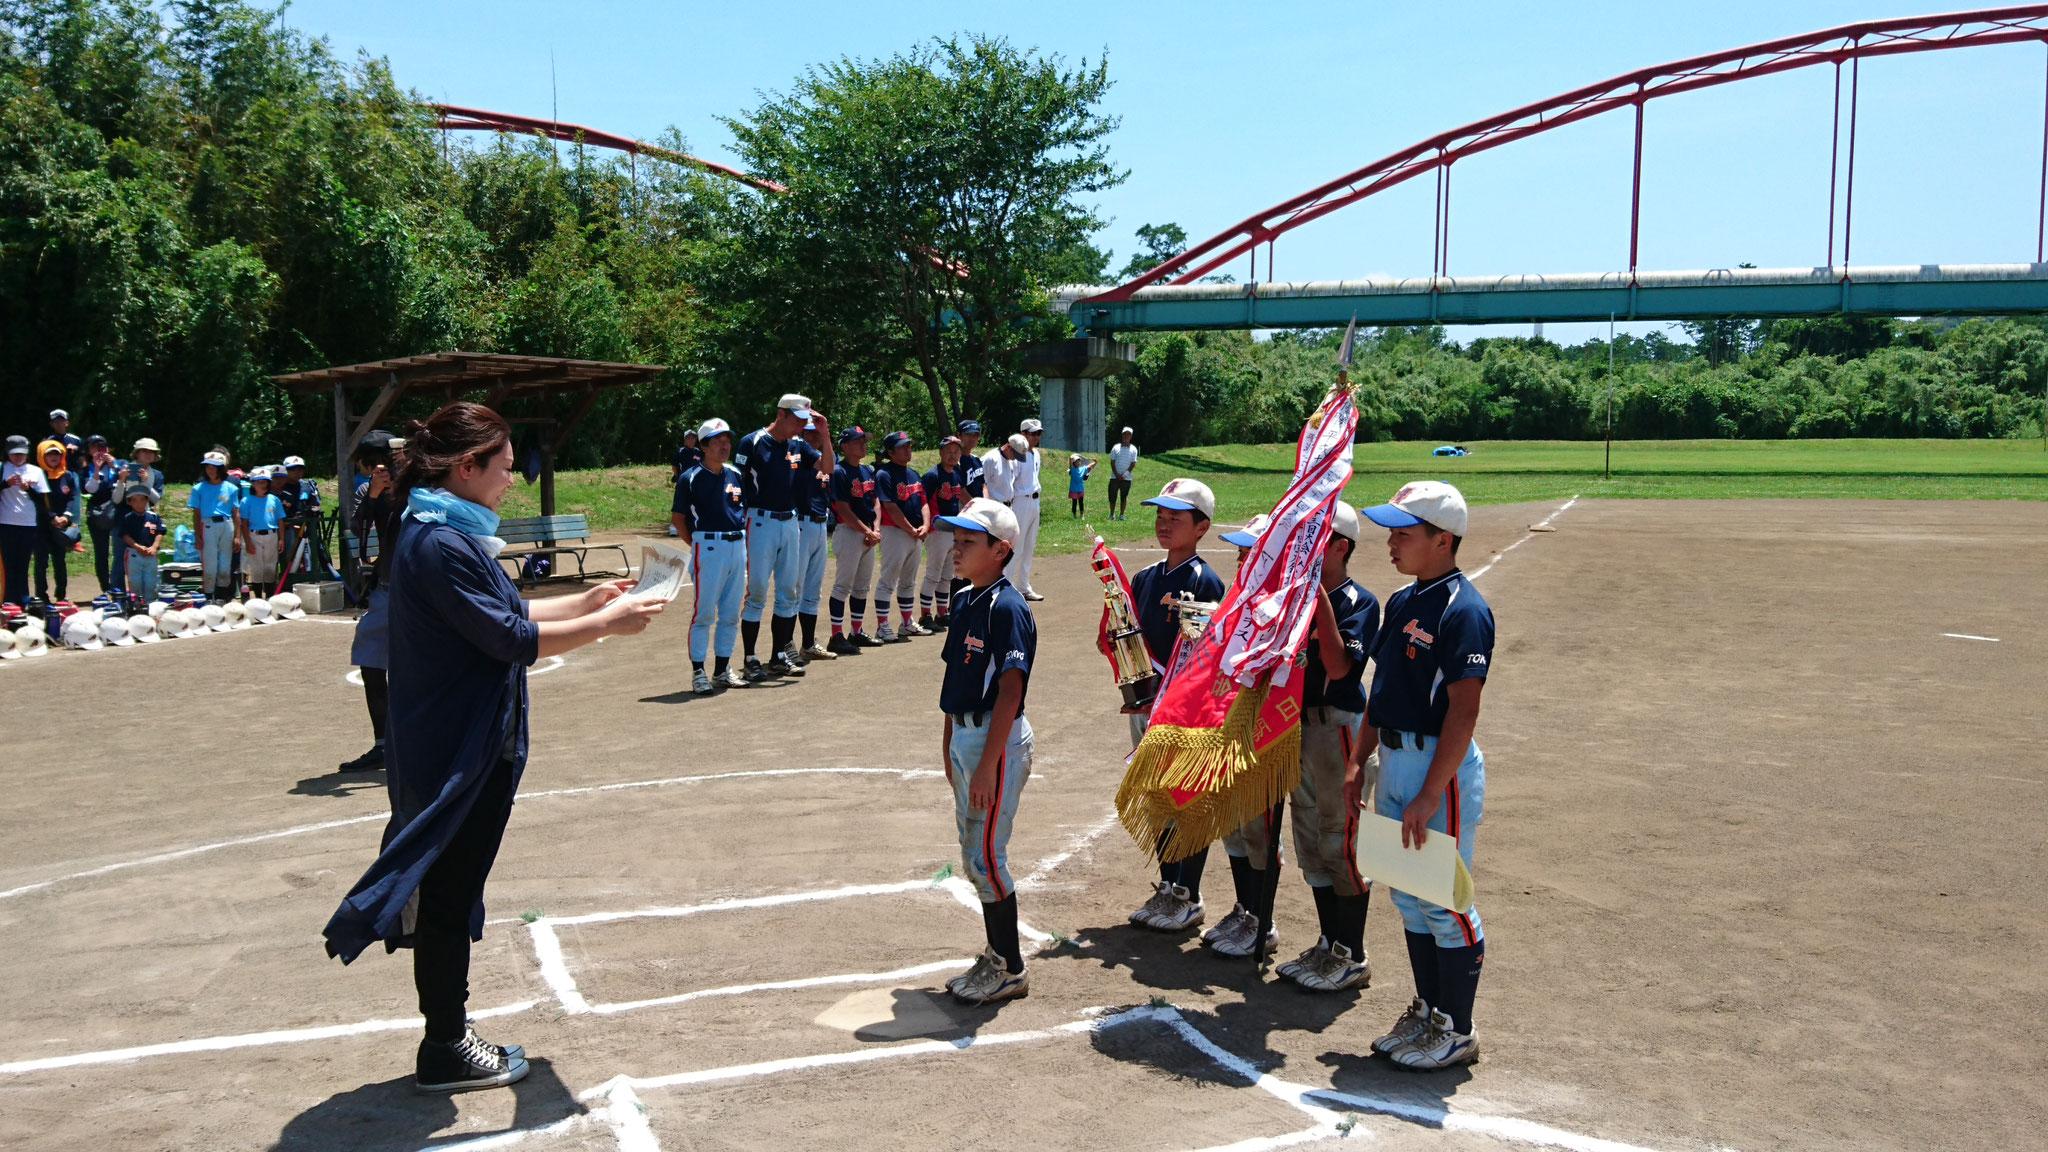 第25回市長杯争奪少年野球大会      今江賞授与 平成30年7月1日